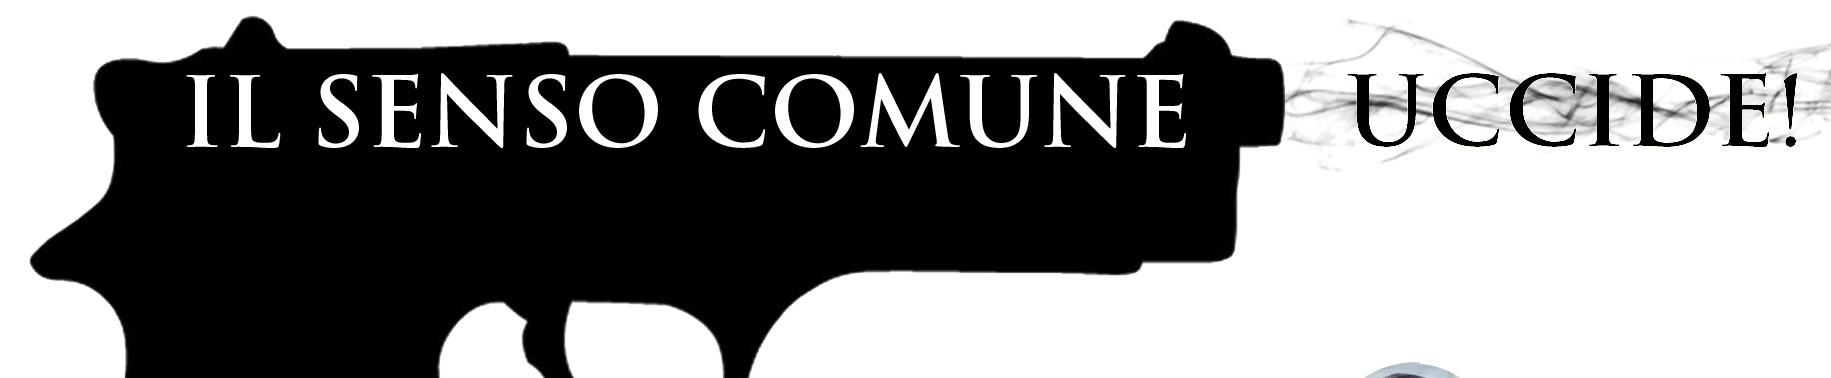 senso-comune uccide (2)